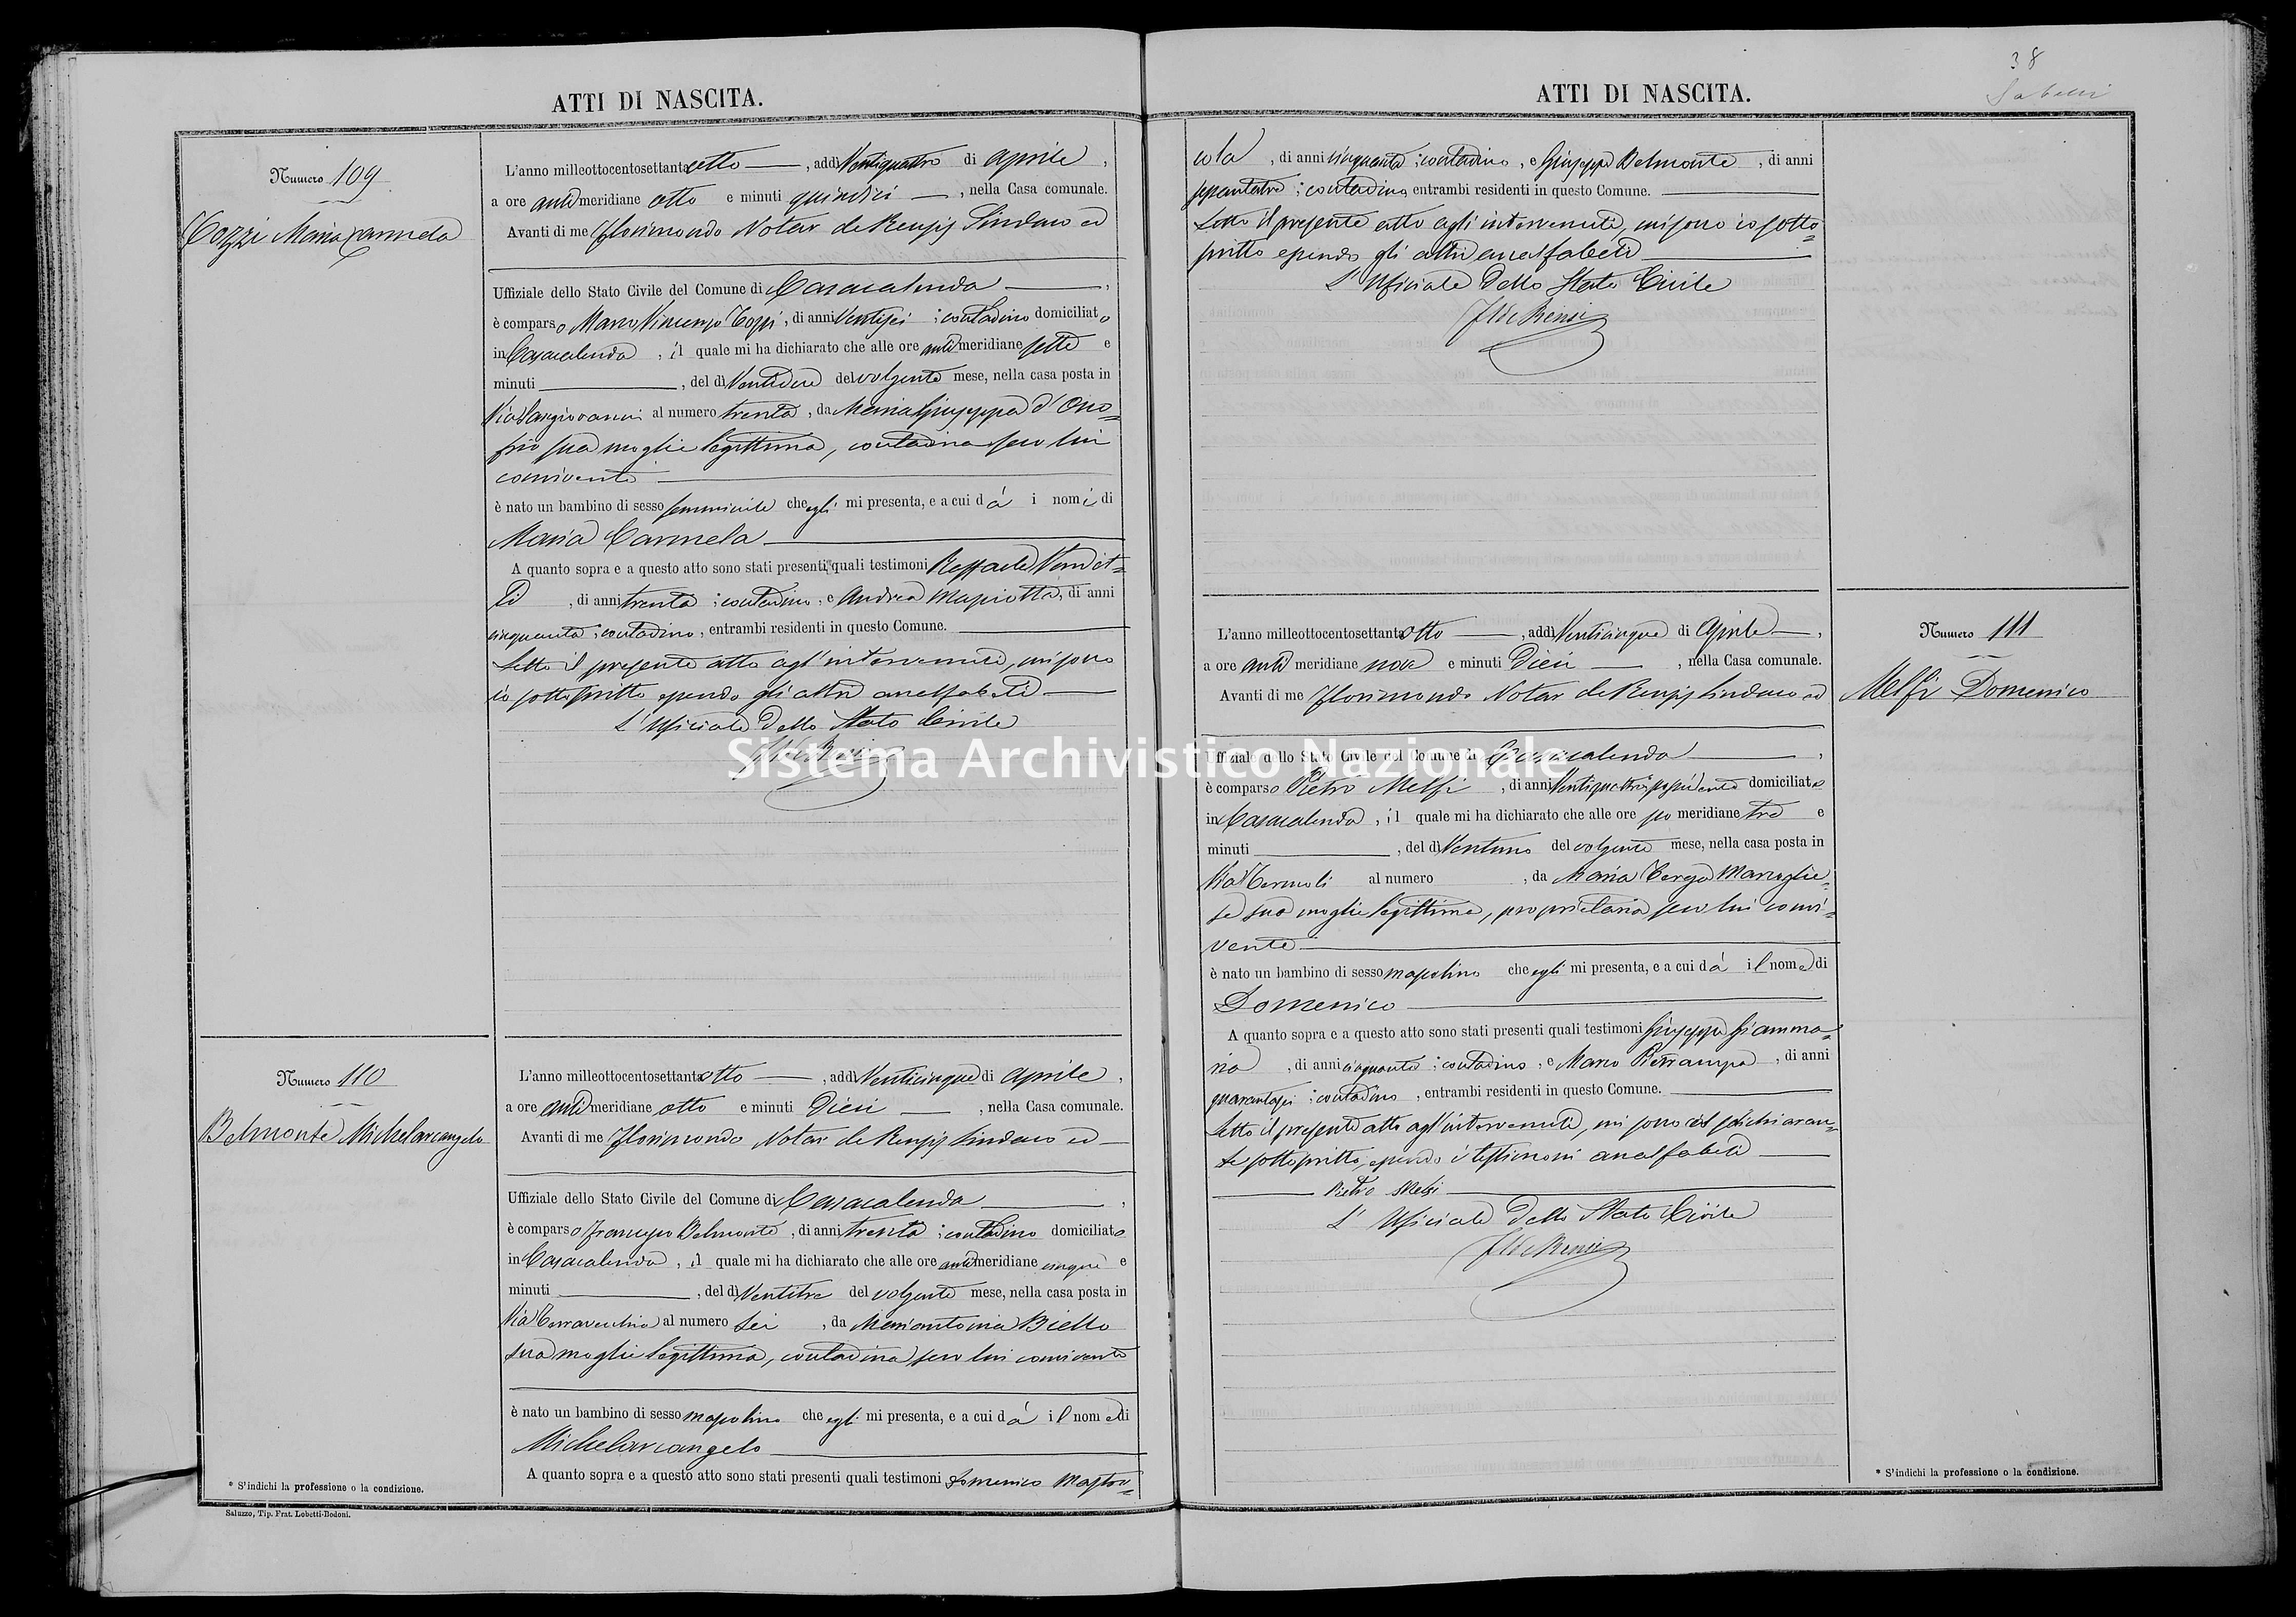 Archivio di stato di Campobasso - Stato civile italiano - Casacalenda - Nati - 1878 -